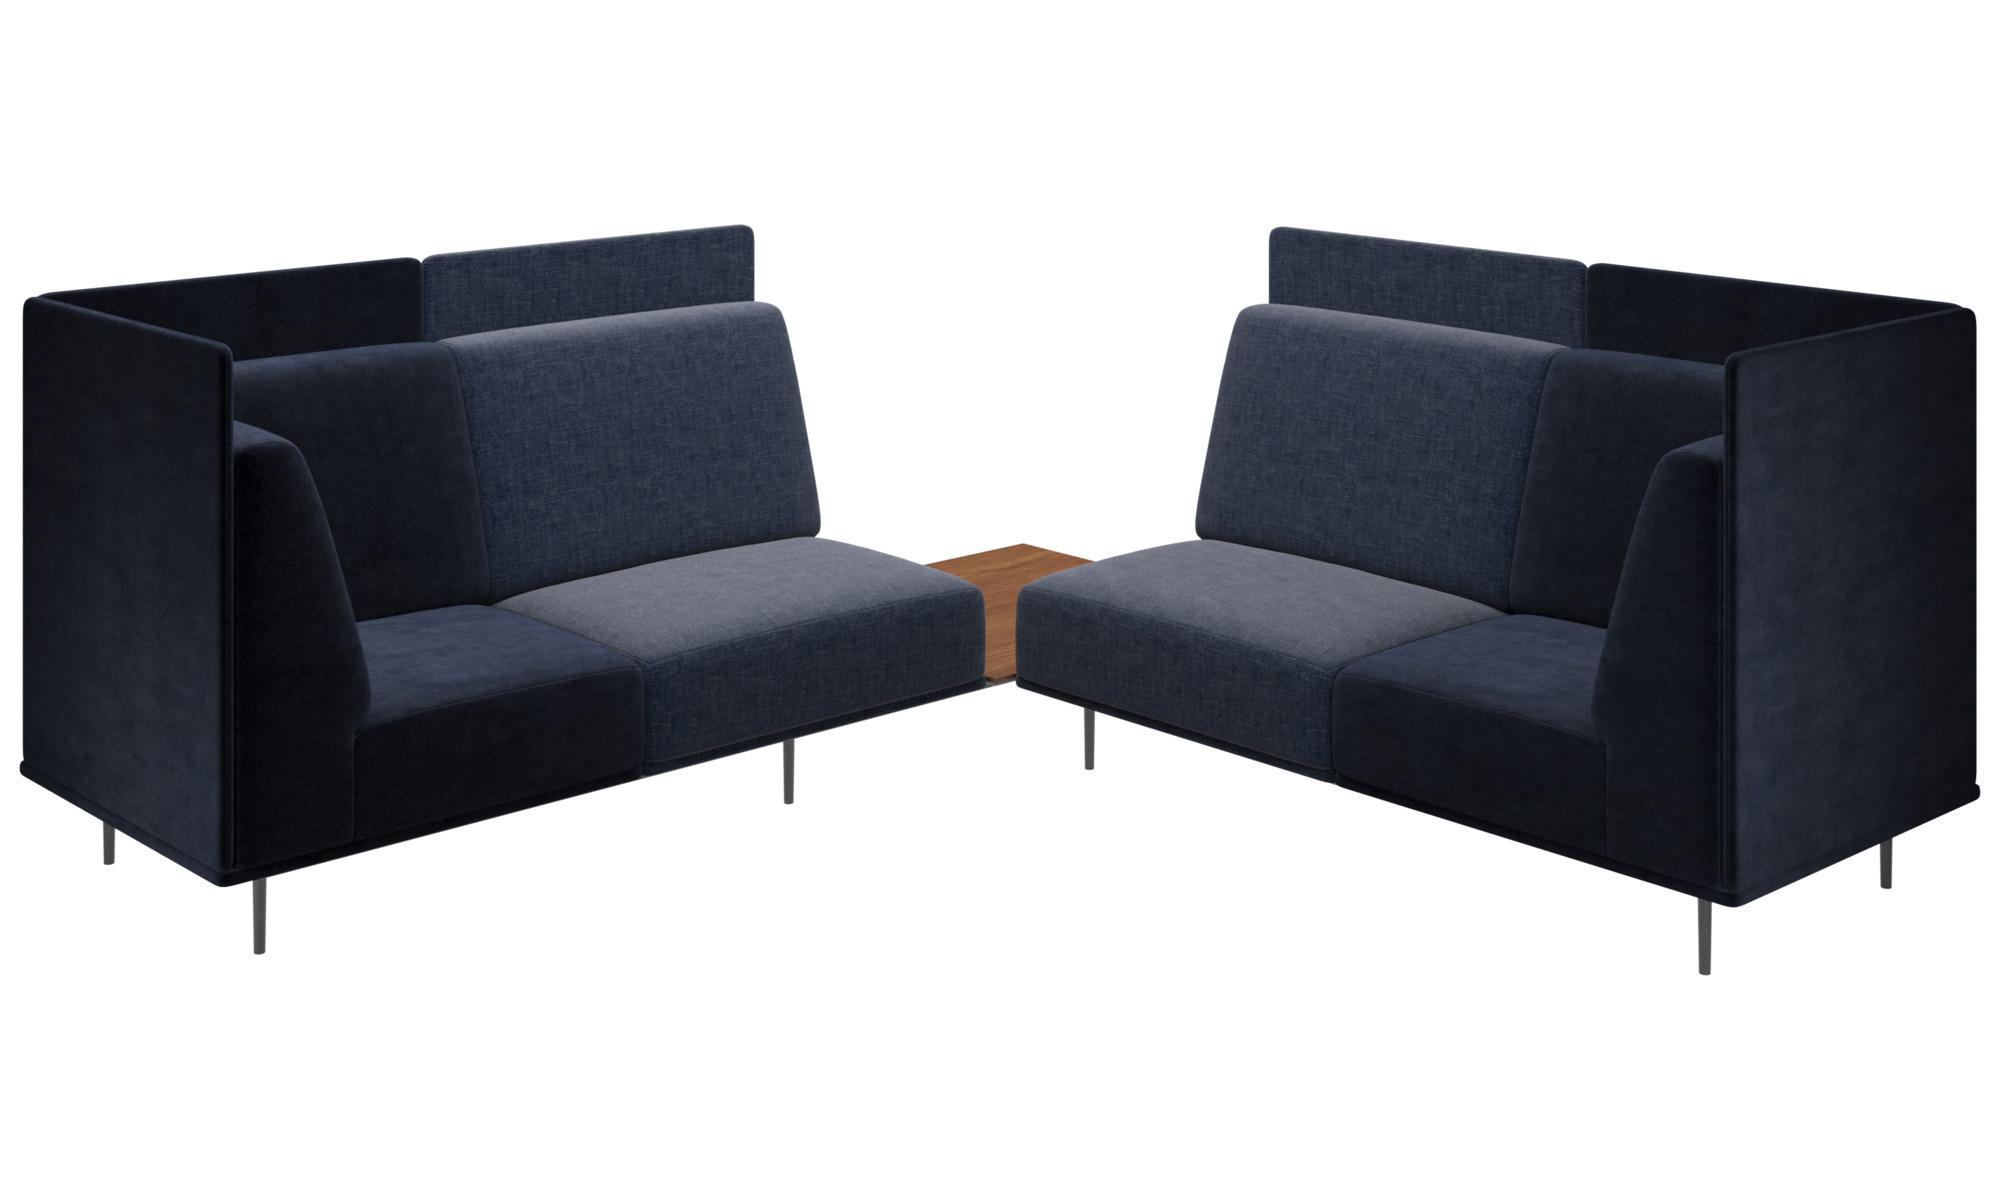 Modulære sofaer - Toulouse sofa - Blå - Stof